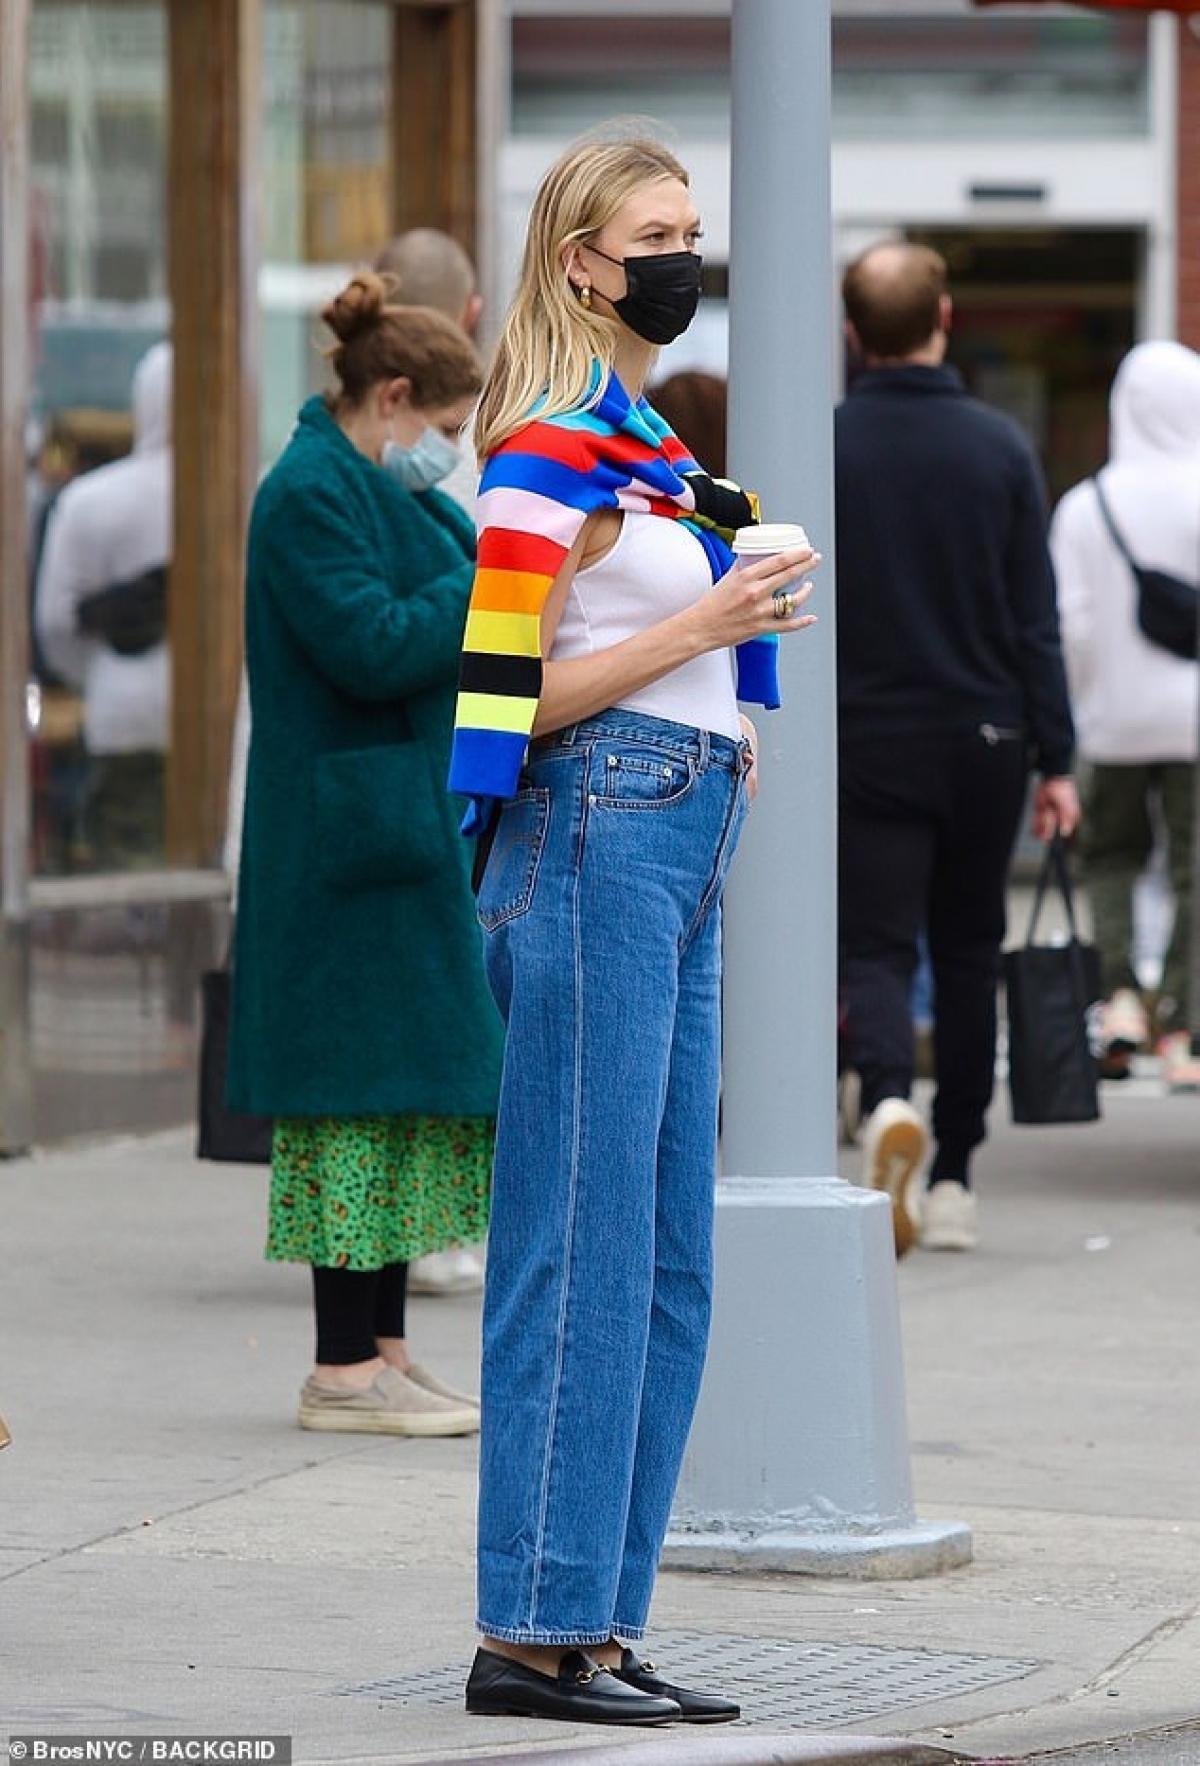 Karlie Kloss được biết đến là một trong những cựu thiên thần Victoria's Secret. Cô sở hữu chiều cao nổi bật 1,88 m.